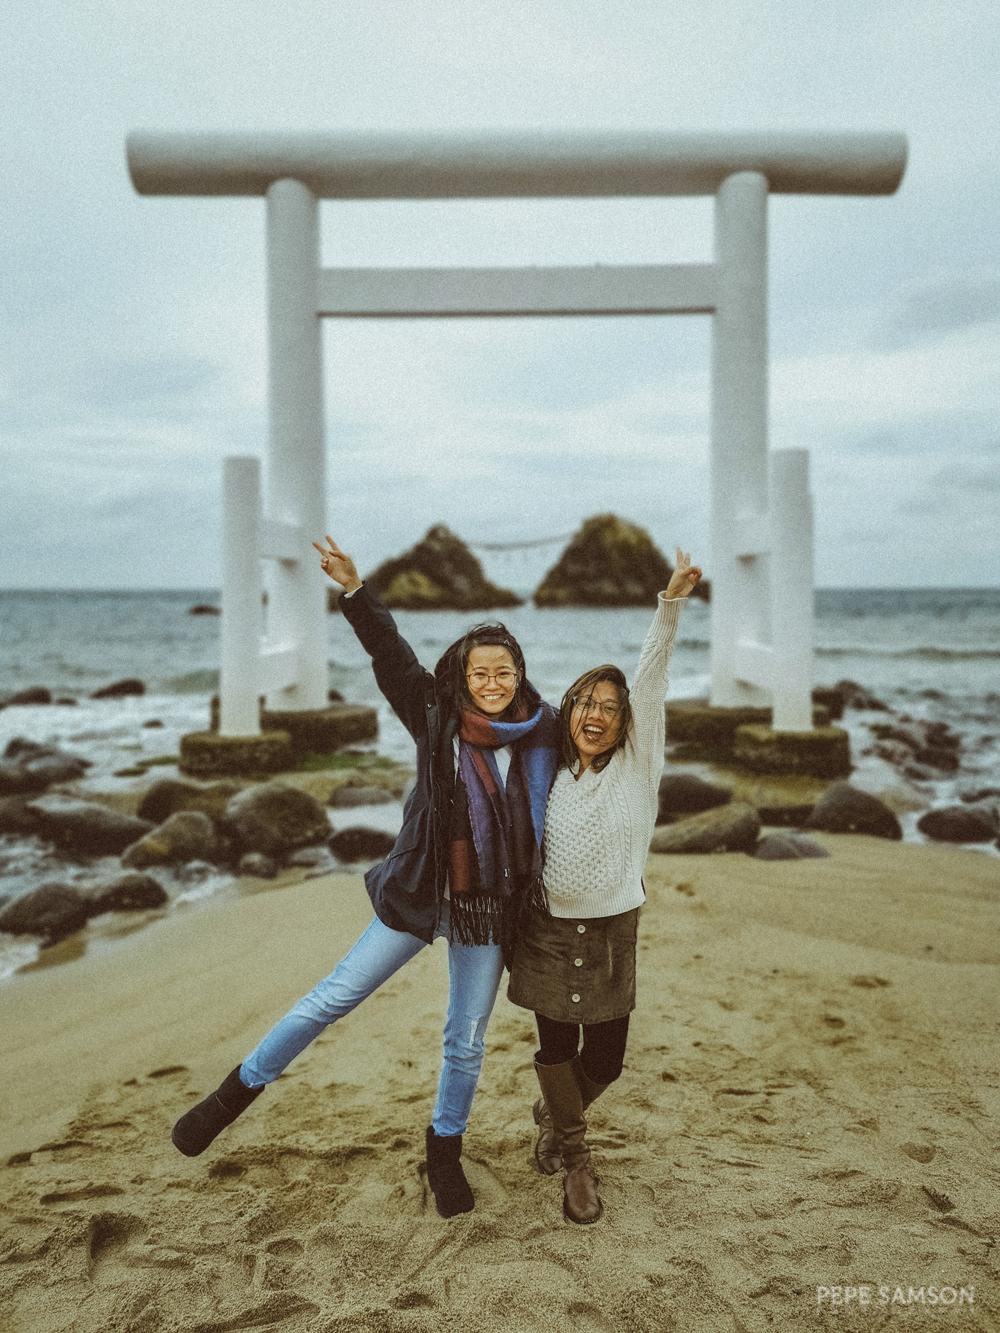 Itoshima Day Trip from Fukuoka